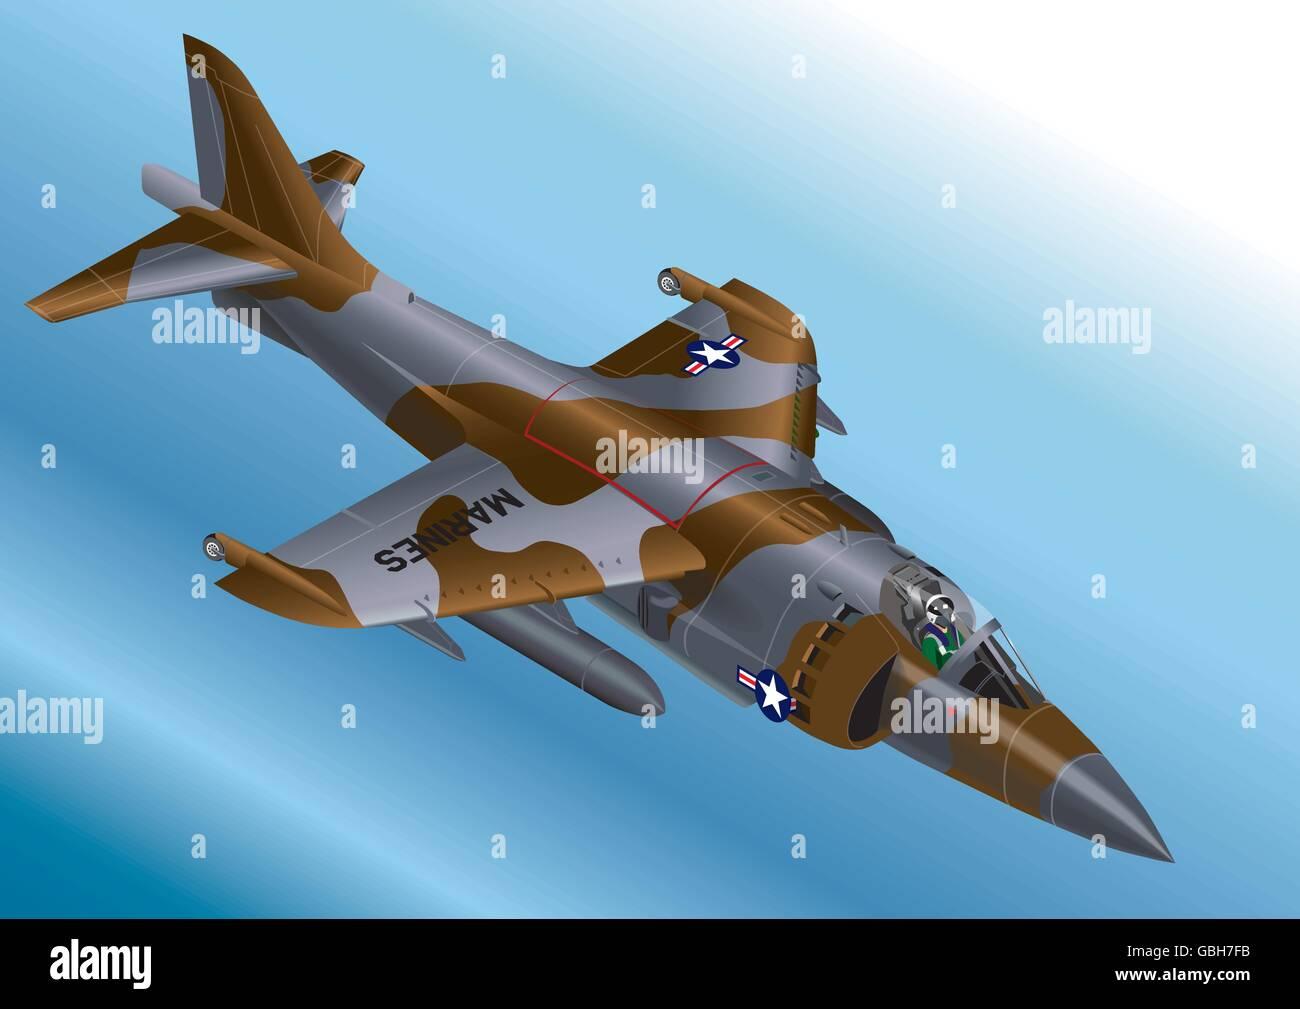 Detailed Isometric Vector Illustration of a US Marine Corp AV-8A / AV-8B Vertical Take Off Jet Fighter Stock Vector